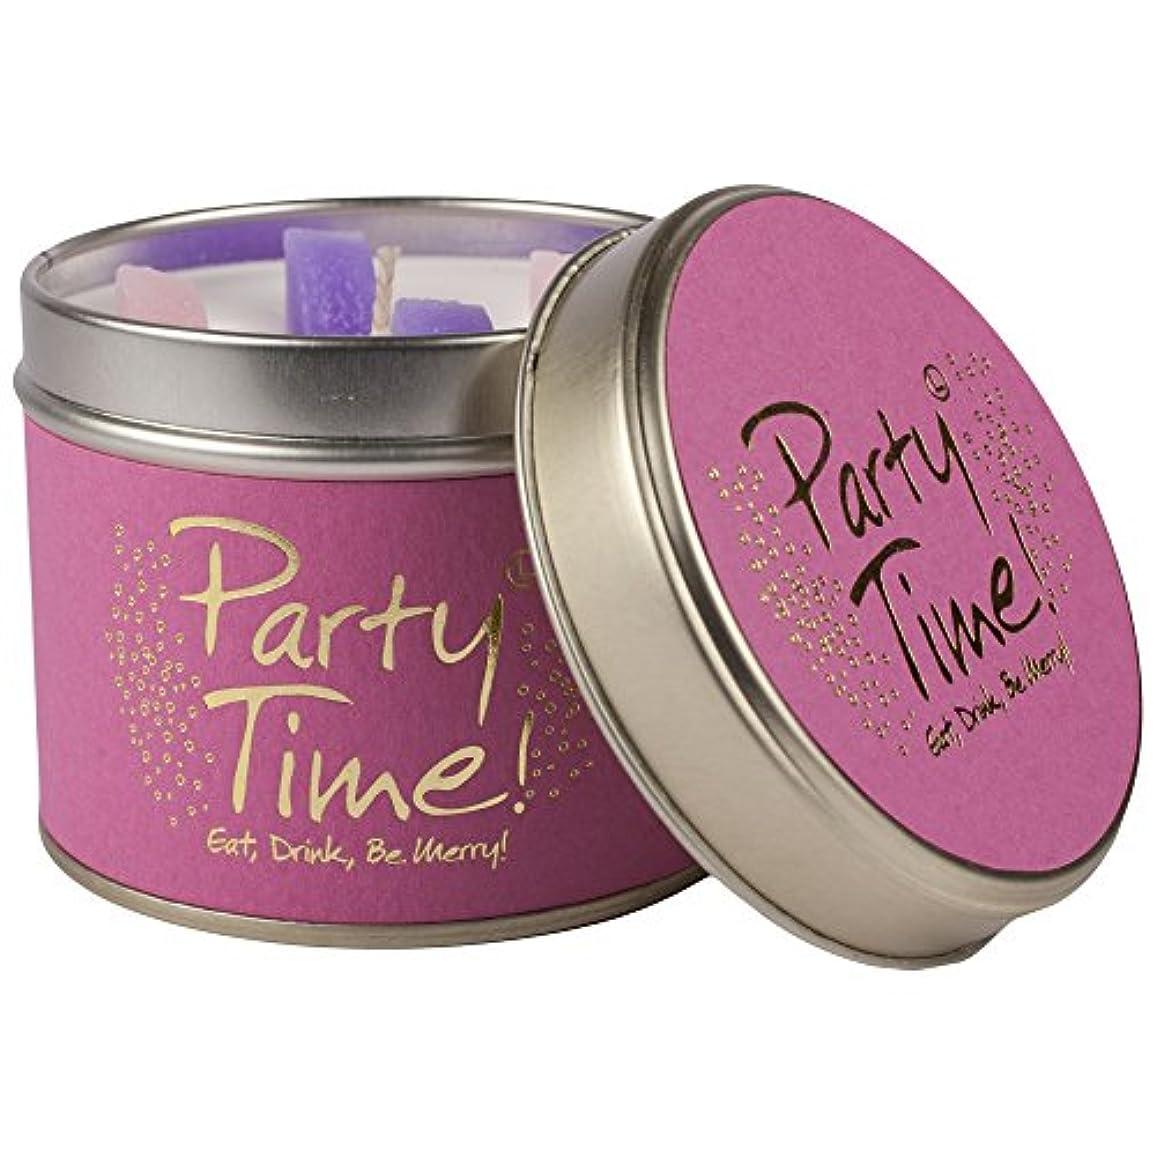 シンプトンオーディション葉Lily-Flame Party Time Scented Candle Tin (Pack of 2) - ユリ炎パーティーの時間香りのキャンドルスズ (Lily-Flame) (x2) [並行輸入品]